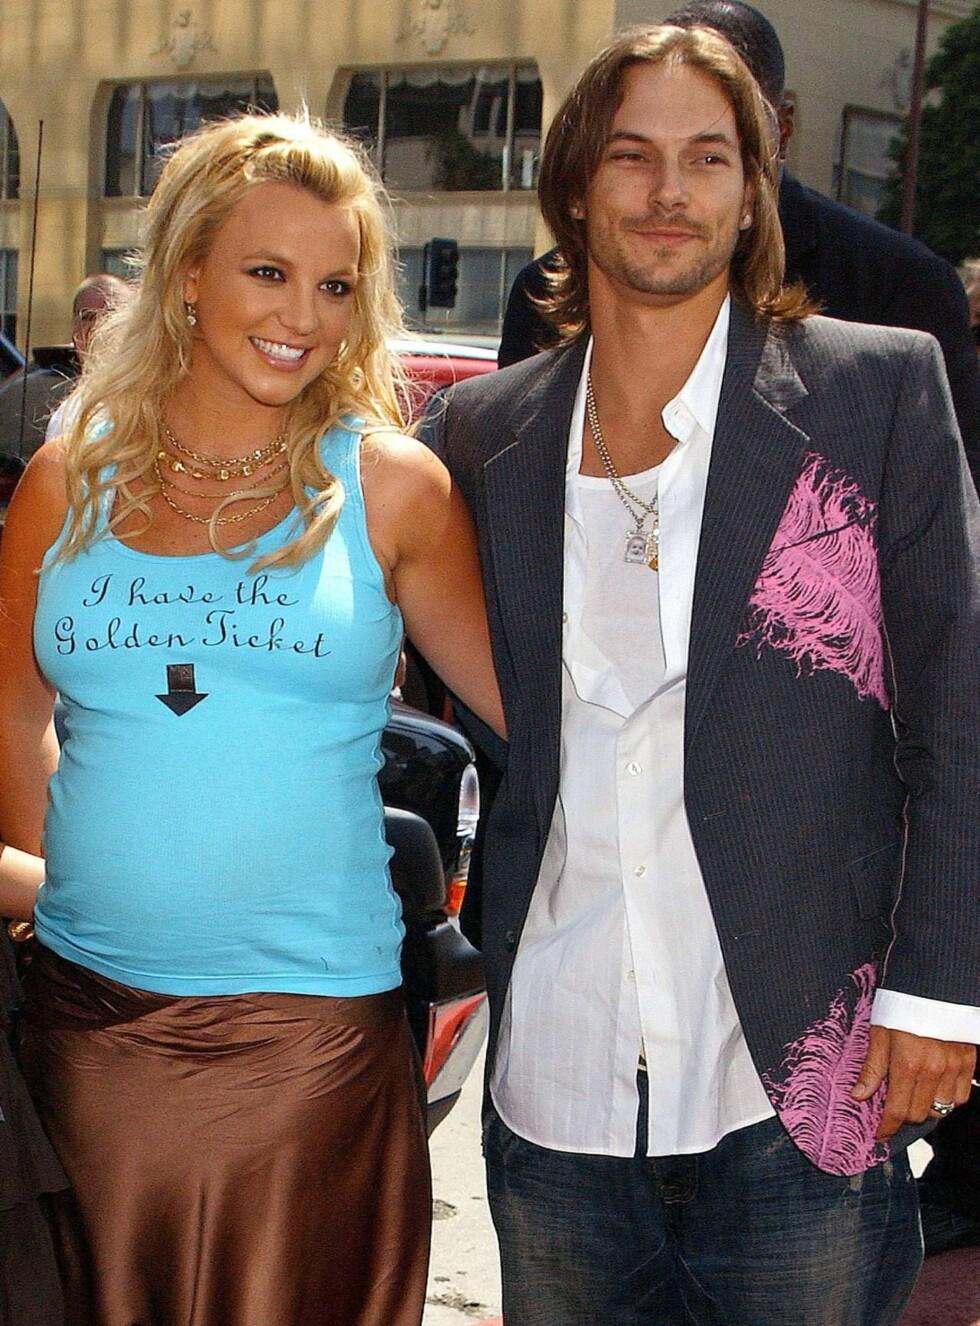 IDYLL: Kilder hevder at Britney og Kevin ikke er like lykkelige lenger. Foto: All Over Press